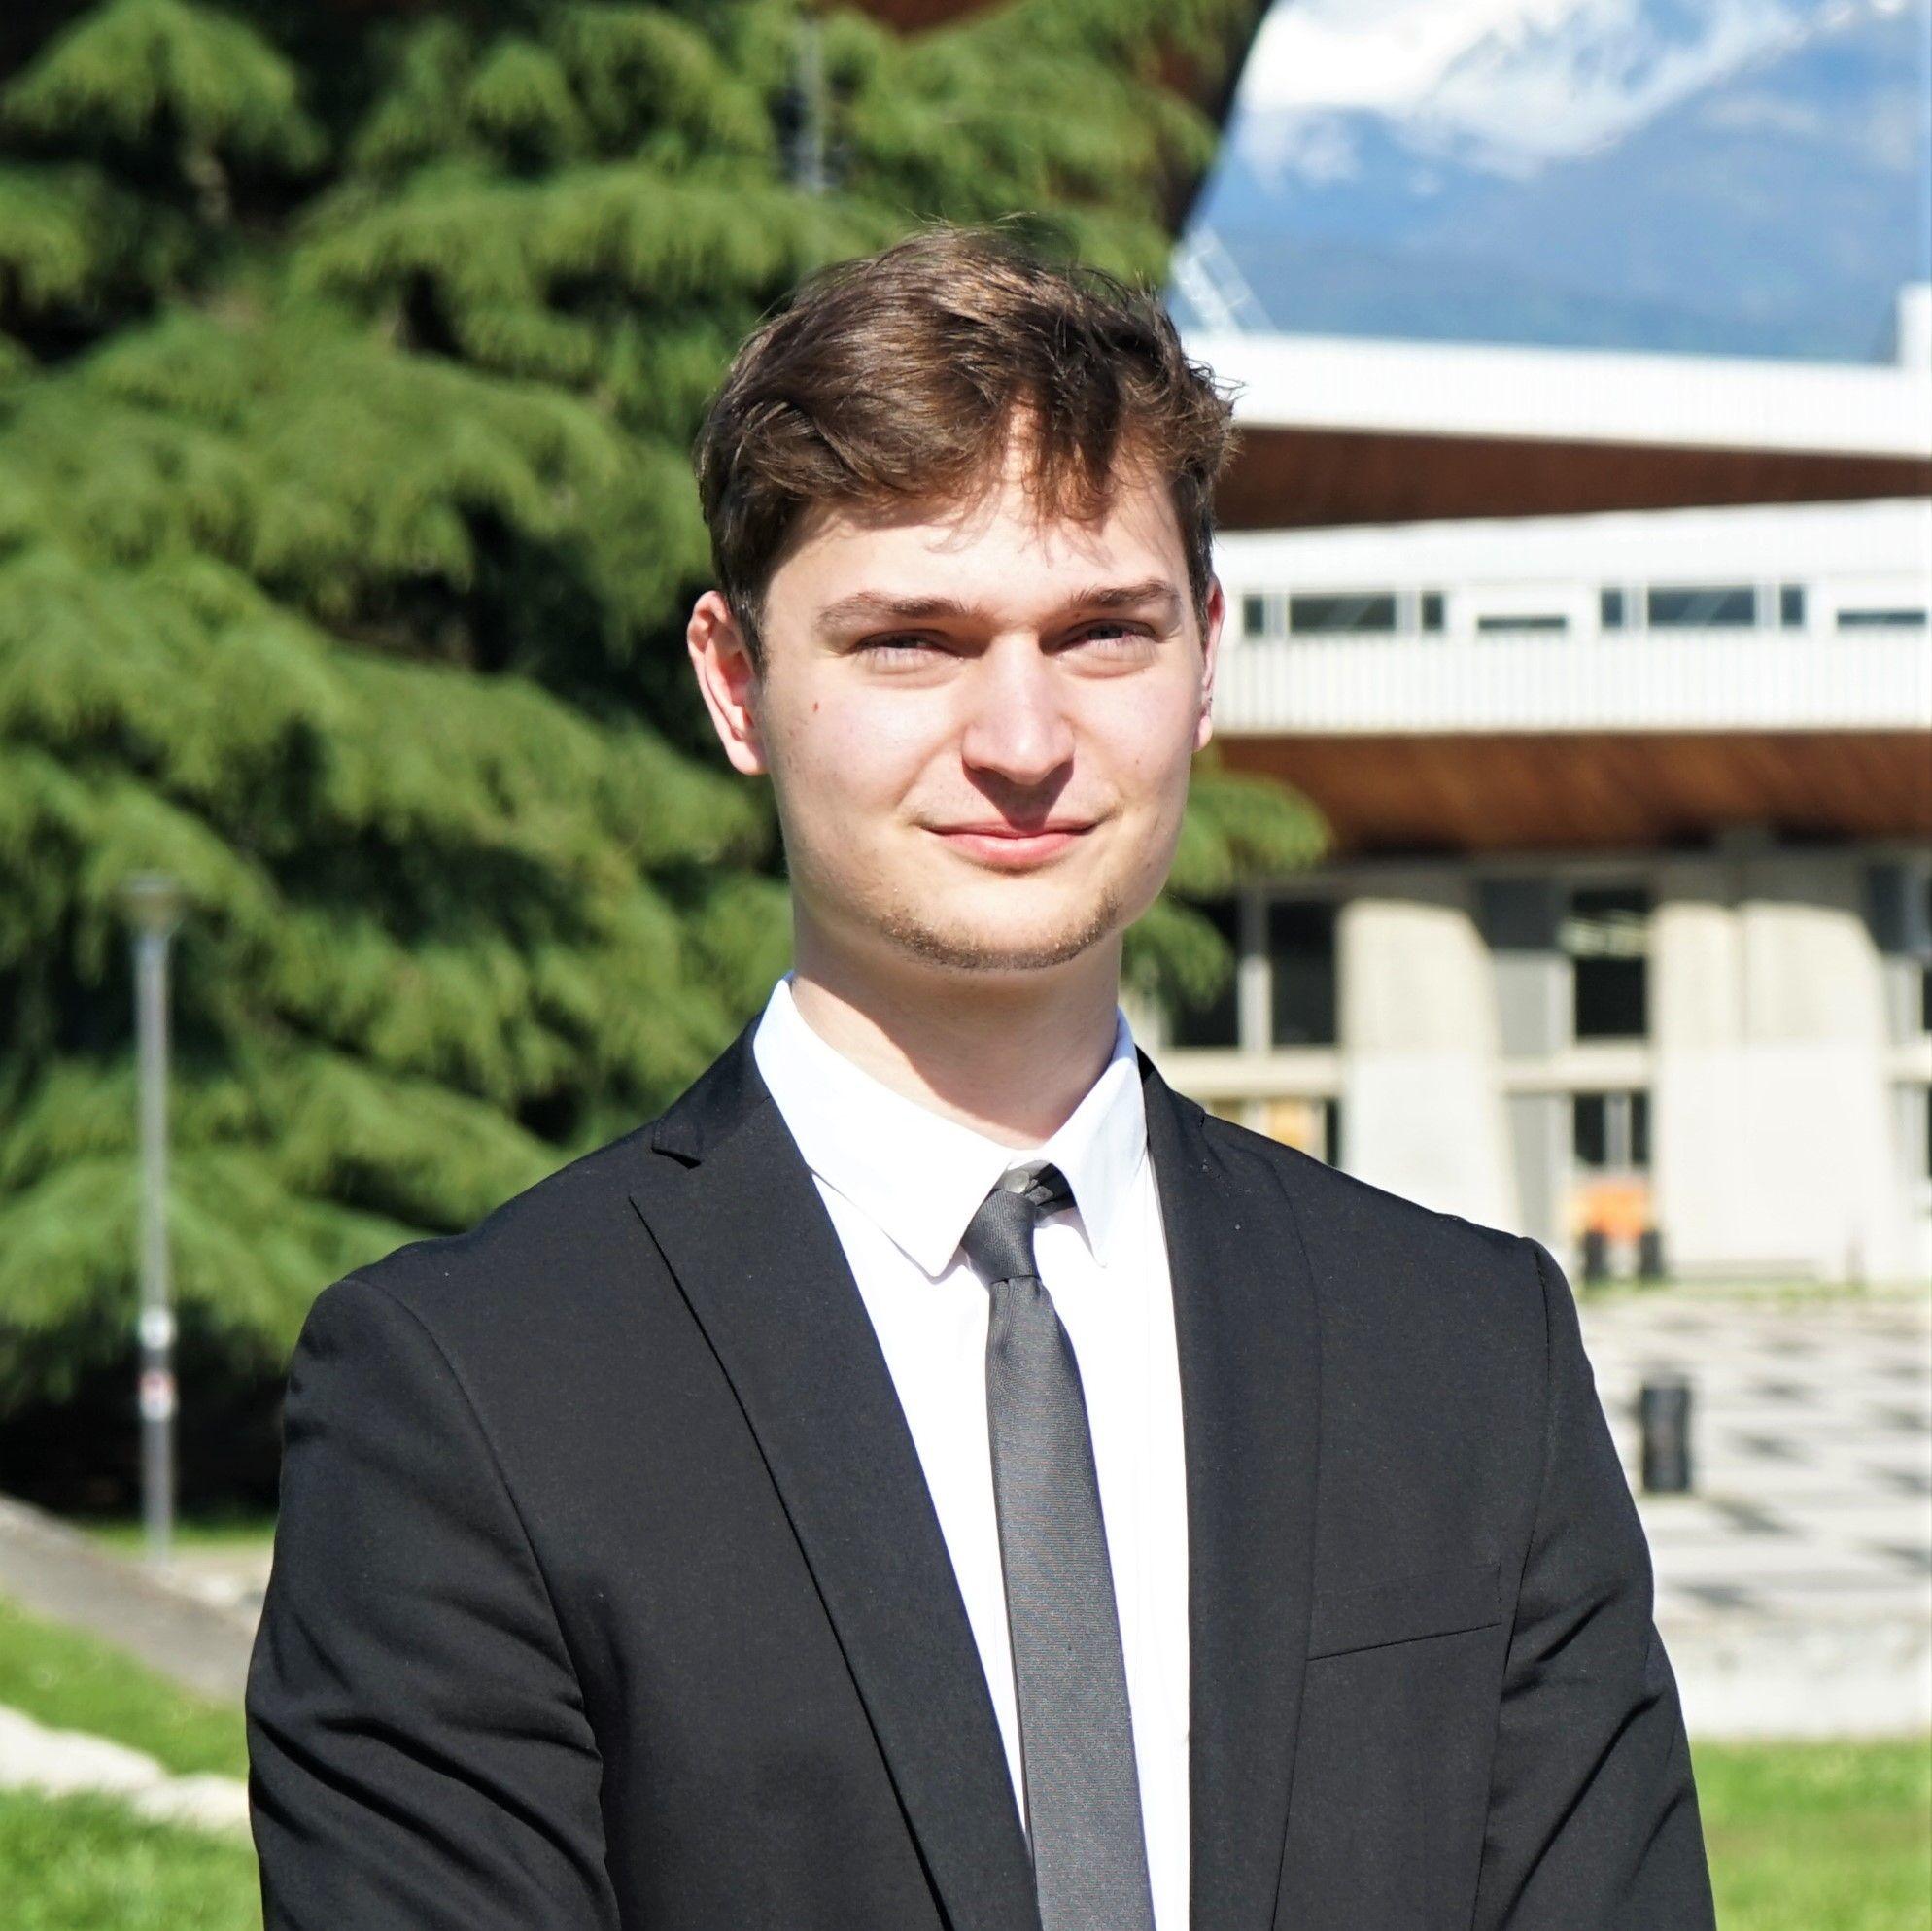 Zachary Zuber